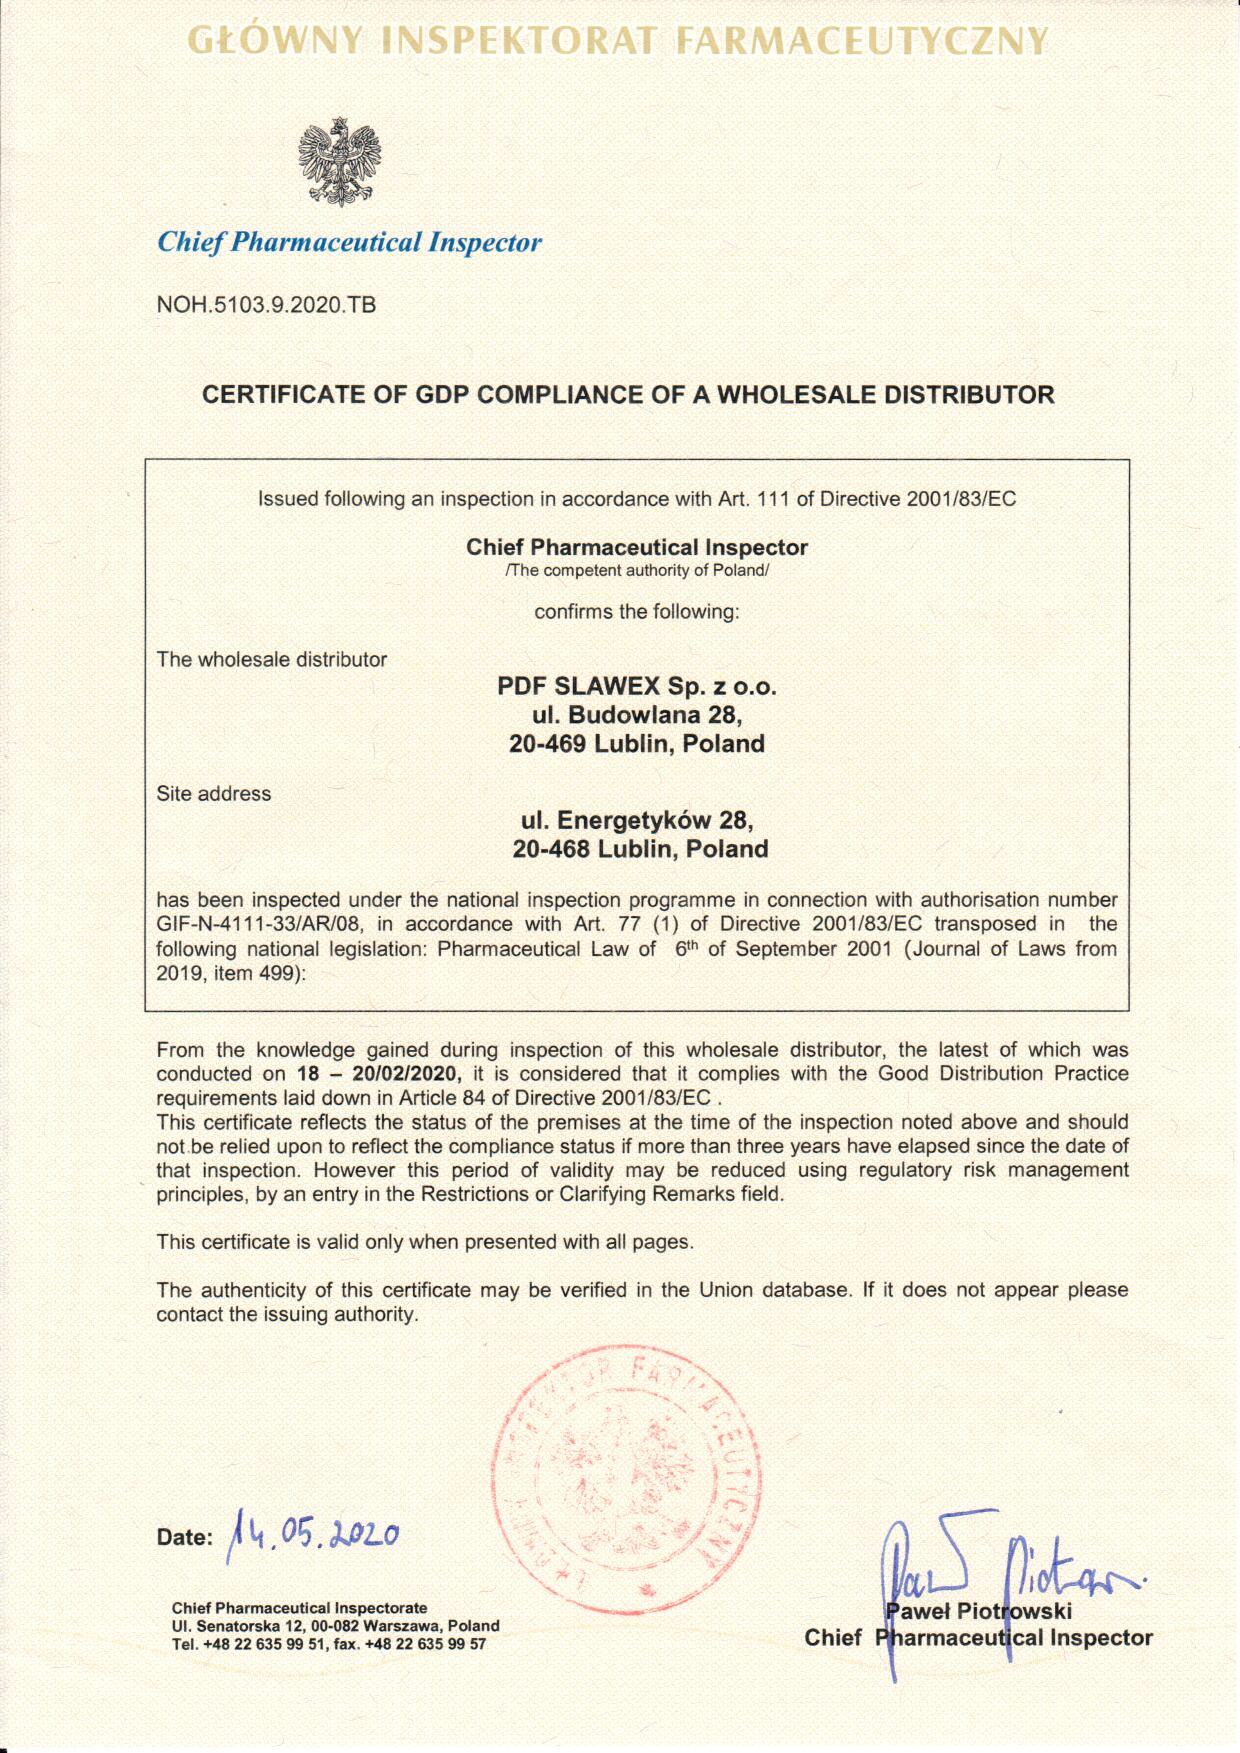 """Certyfikat DPD dla """"PDF SLAWEX"""" Sp. z o.o. Oddział Lublin"""